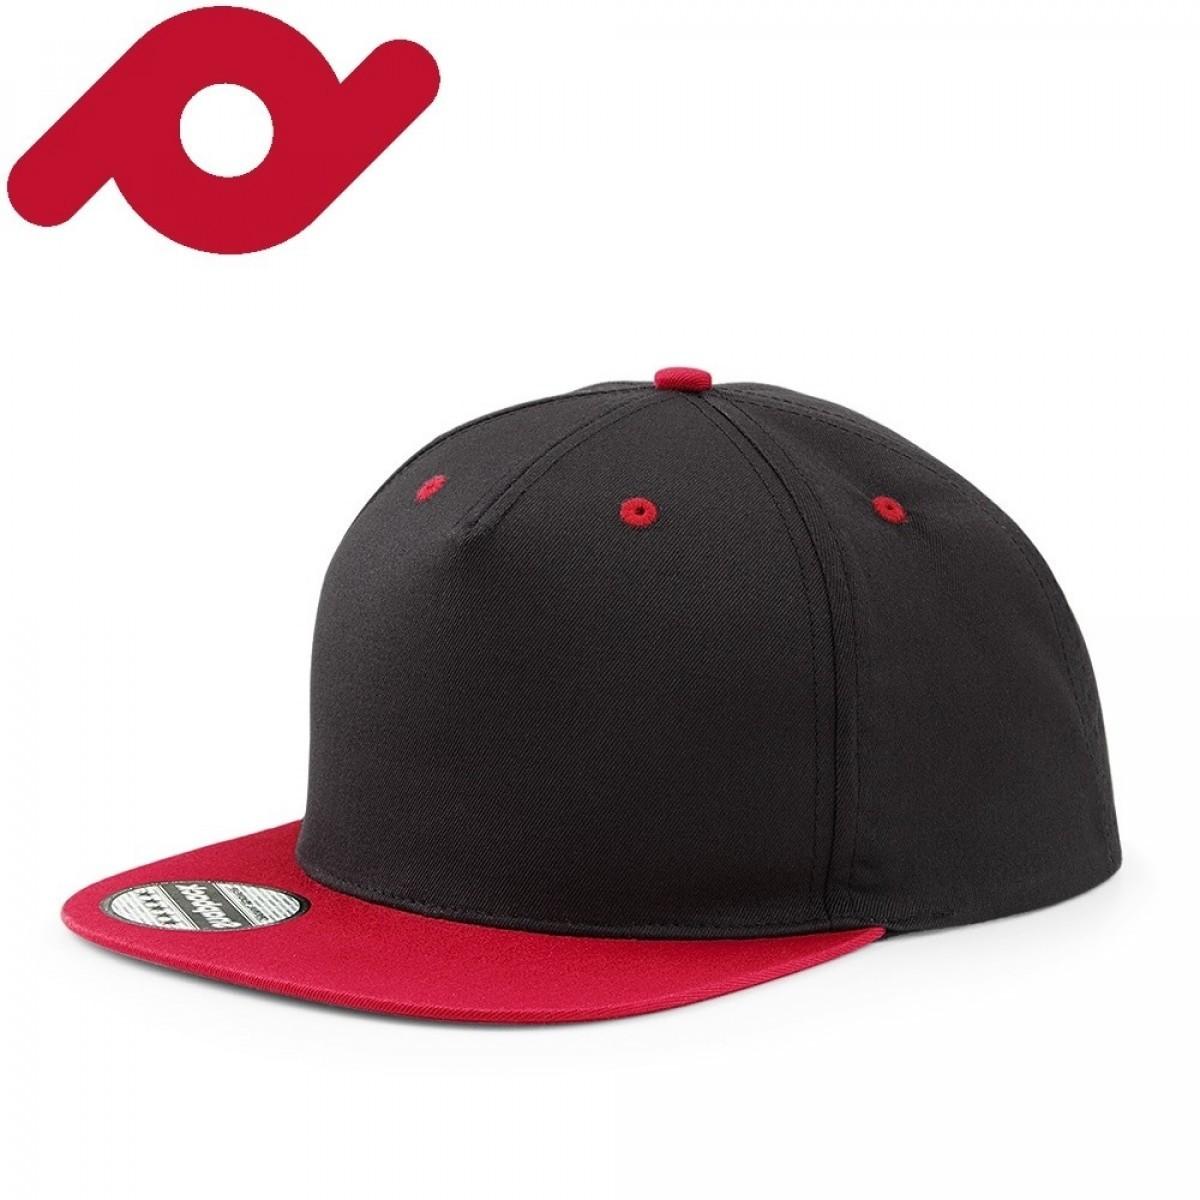 Senvi Snapback met Platte Klep Zwart/Rood (One size fits all)